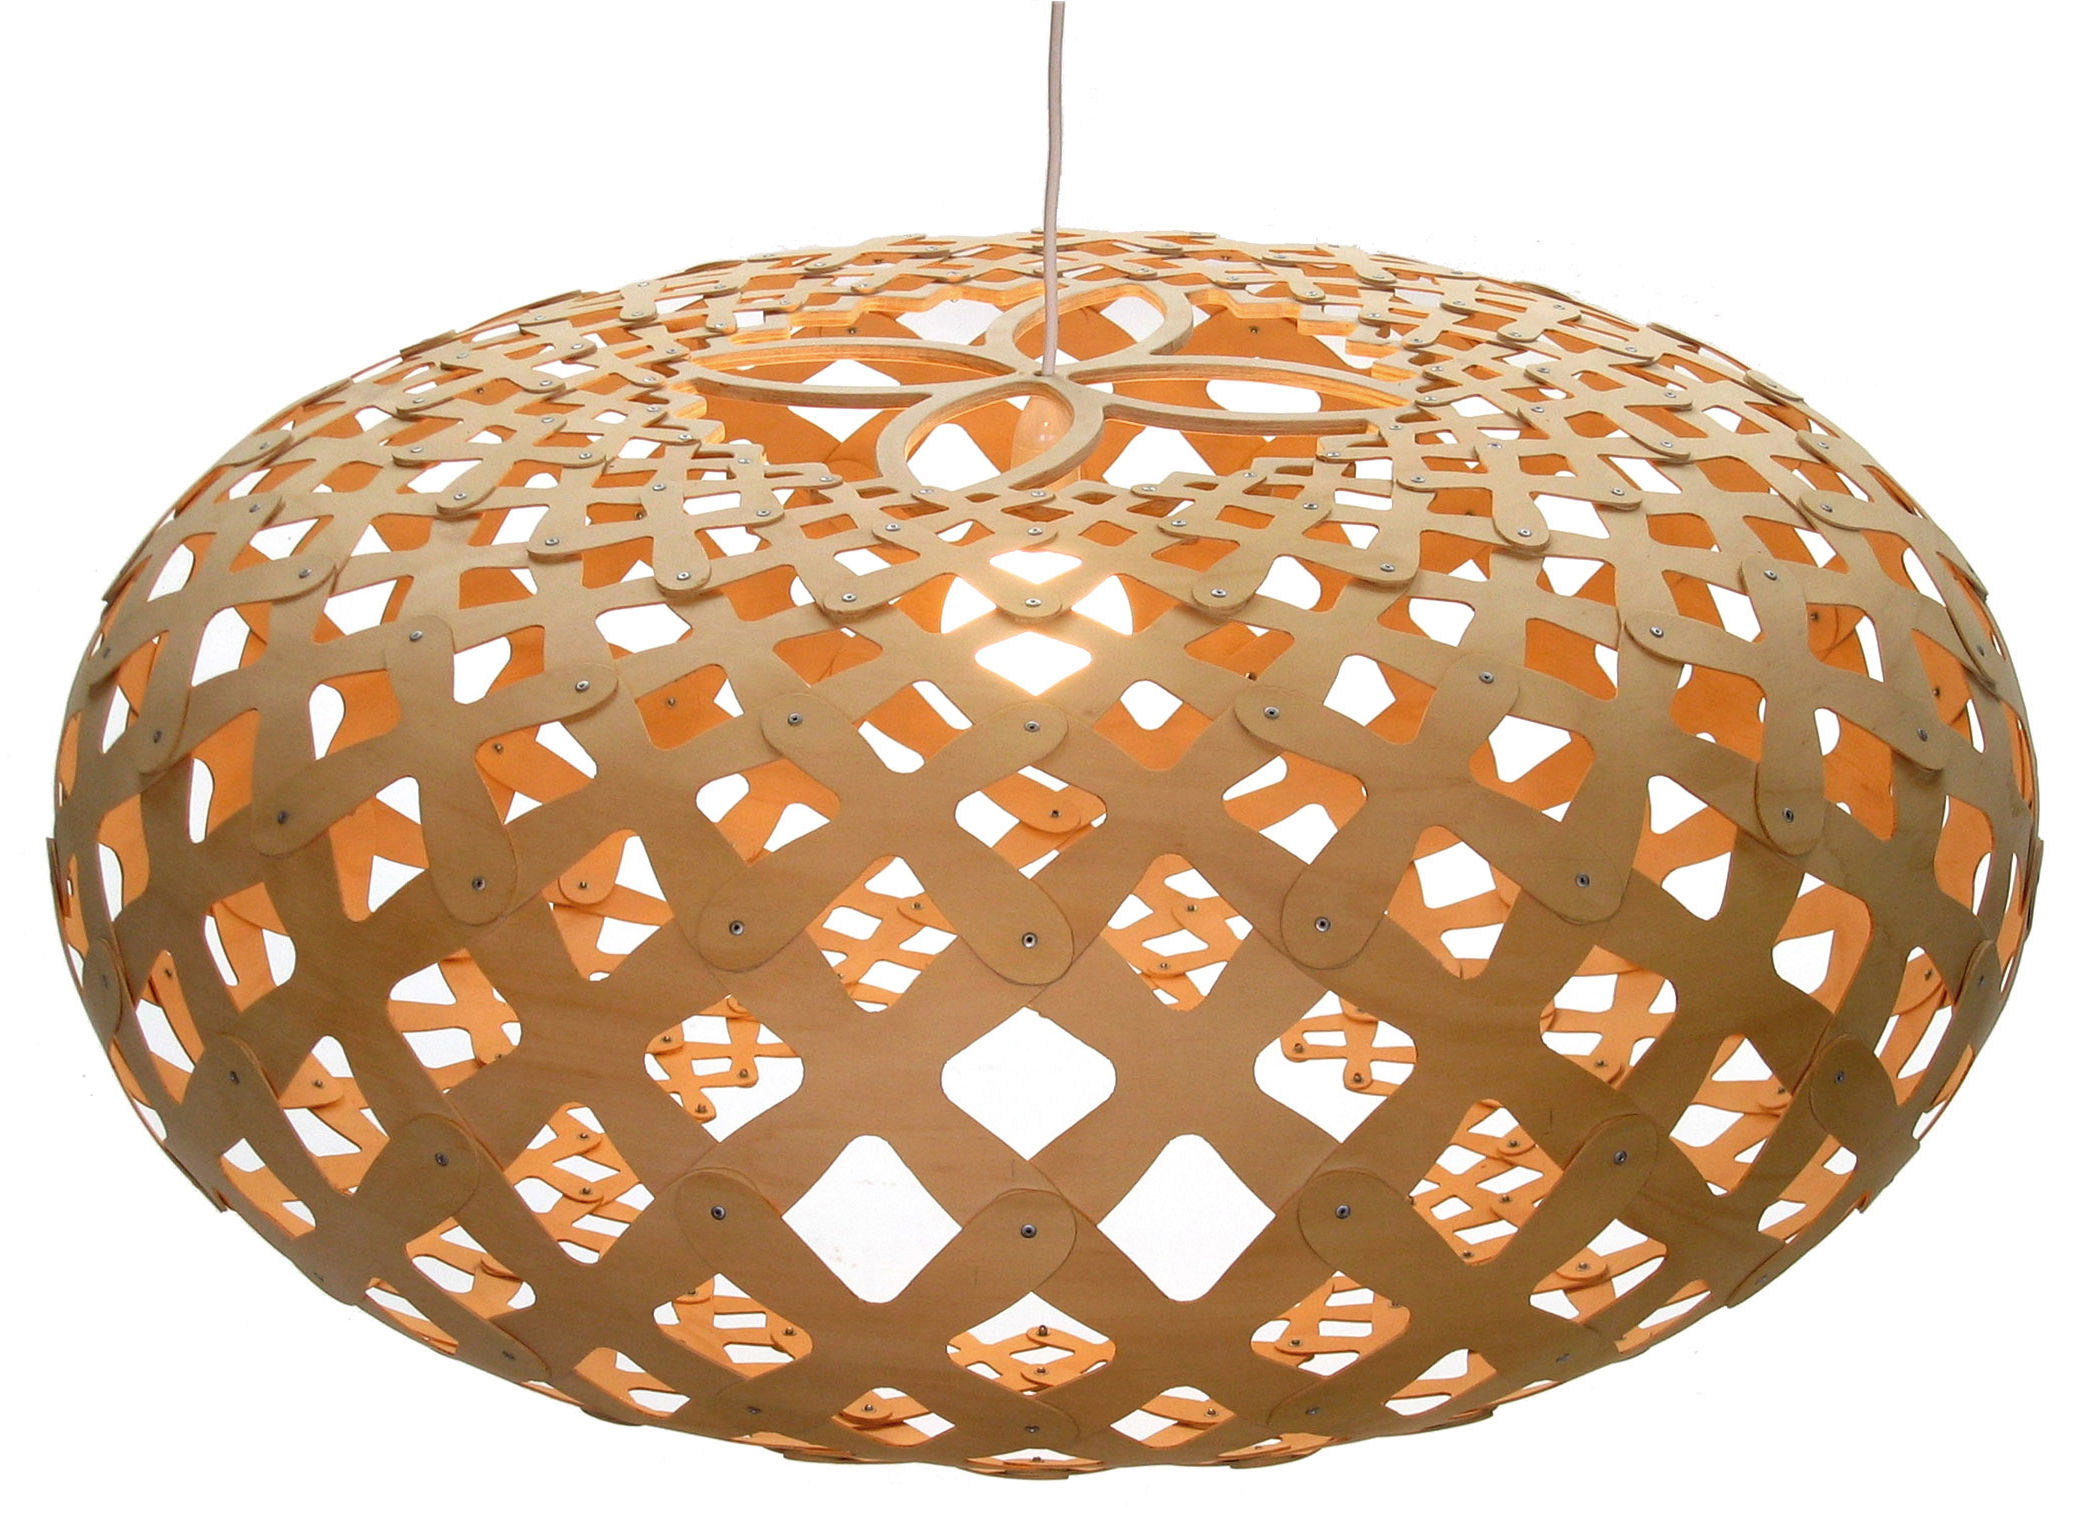 Illuminazione - Lampadari - Sospensione Kina - Ø 80 cm di David Trubridge - Legno naturale - Ø 80 cm - Compensato di pino